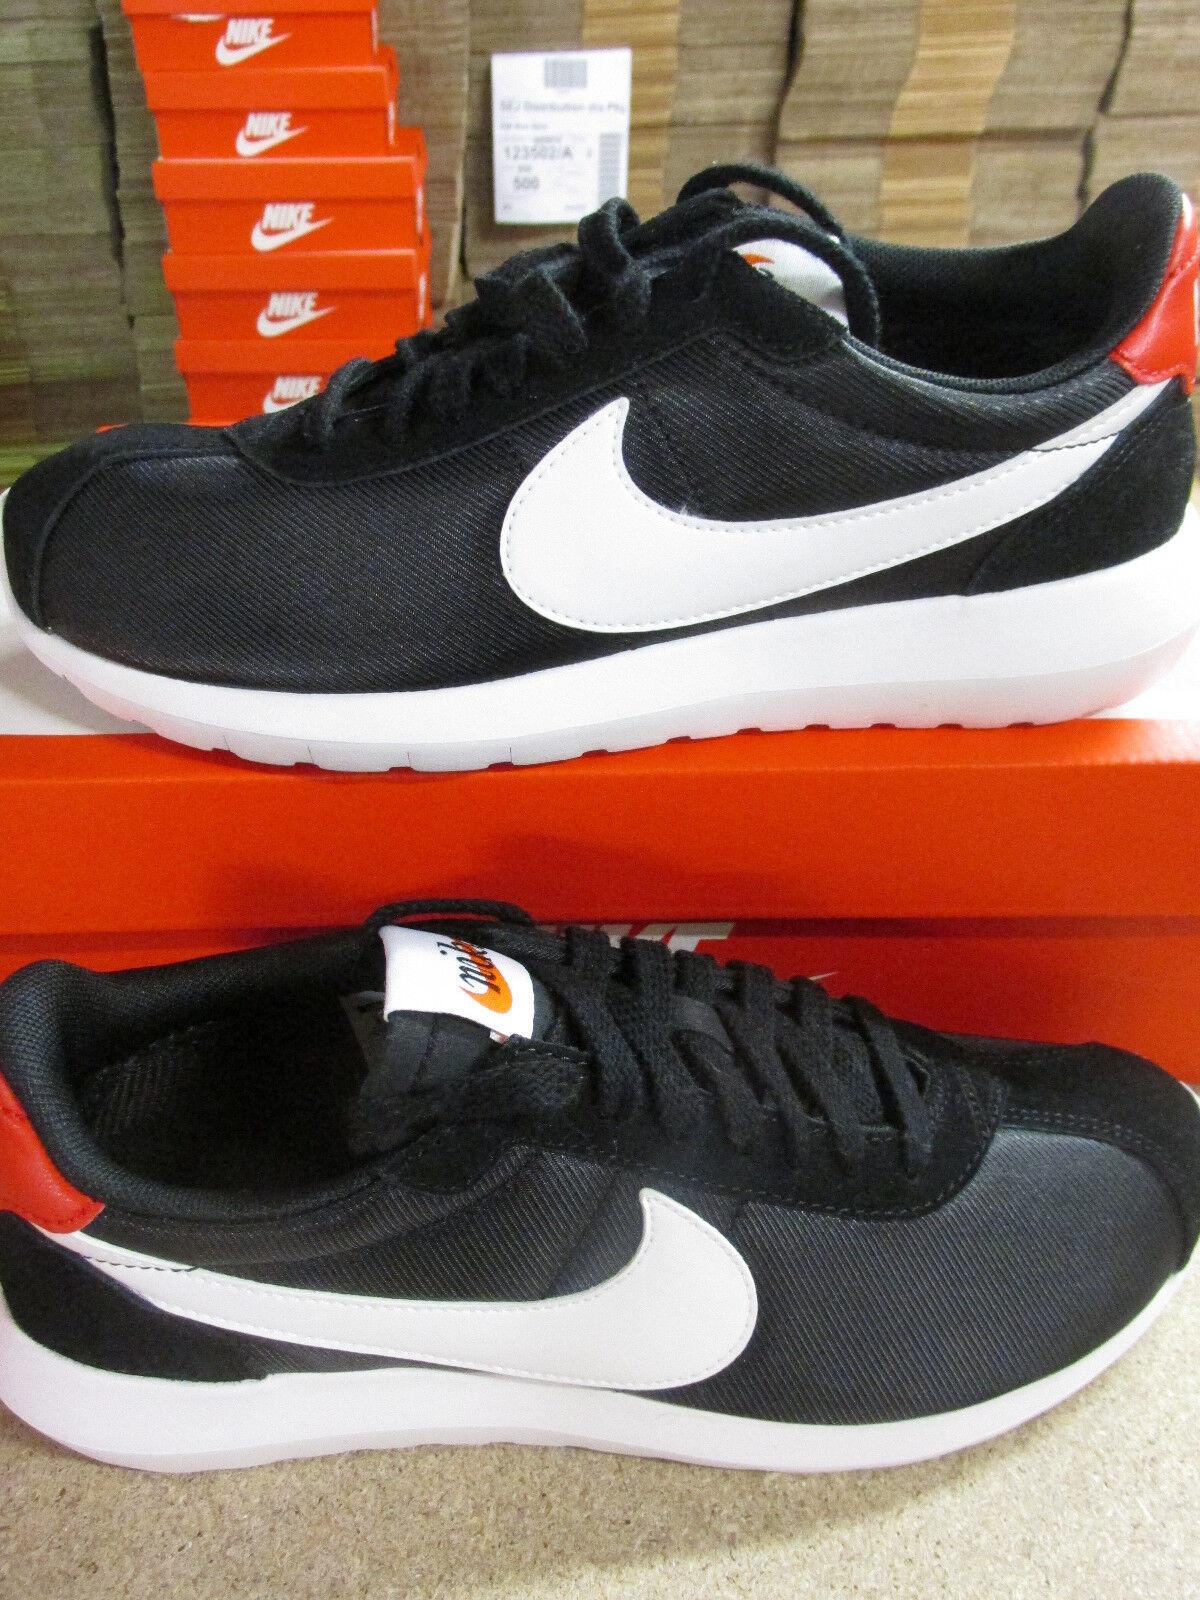 Nike Da Donna ROSHERUN Scarpe Da Ginnastica ld-1000 819843 001 Scarpe Da Ginnastica Scarpe